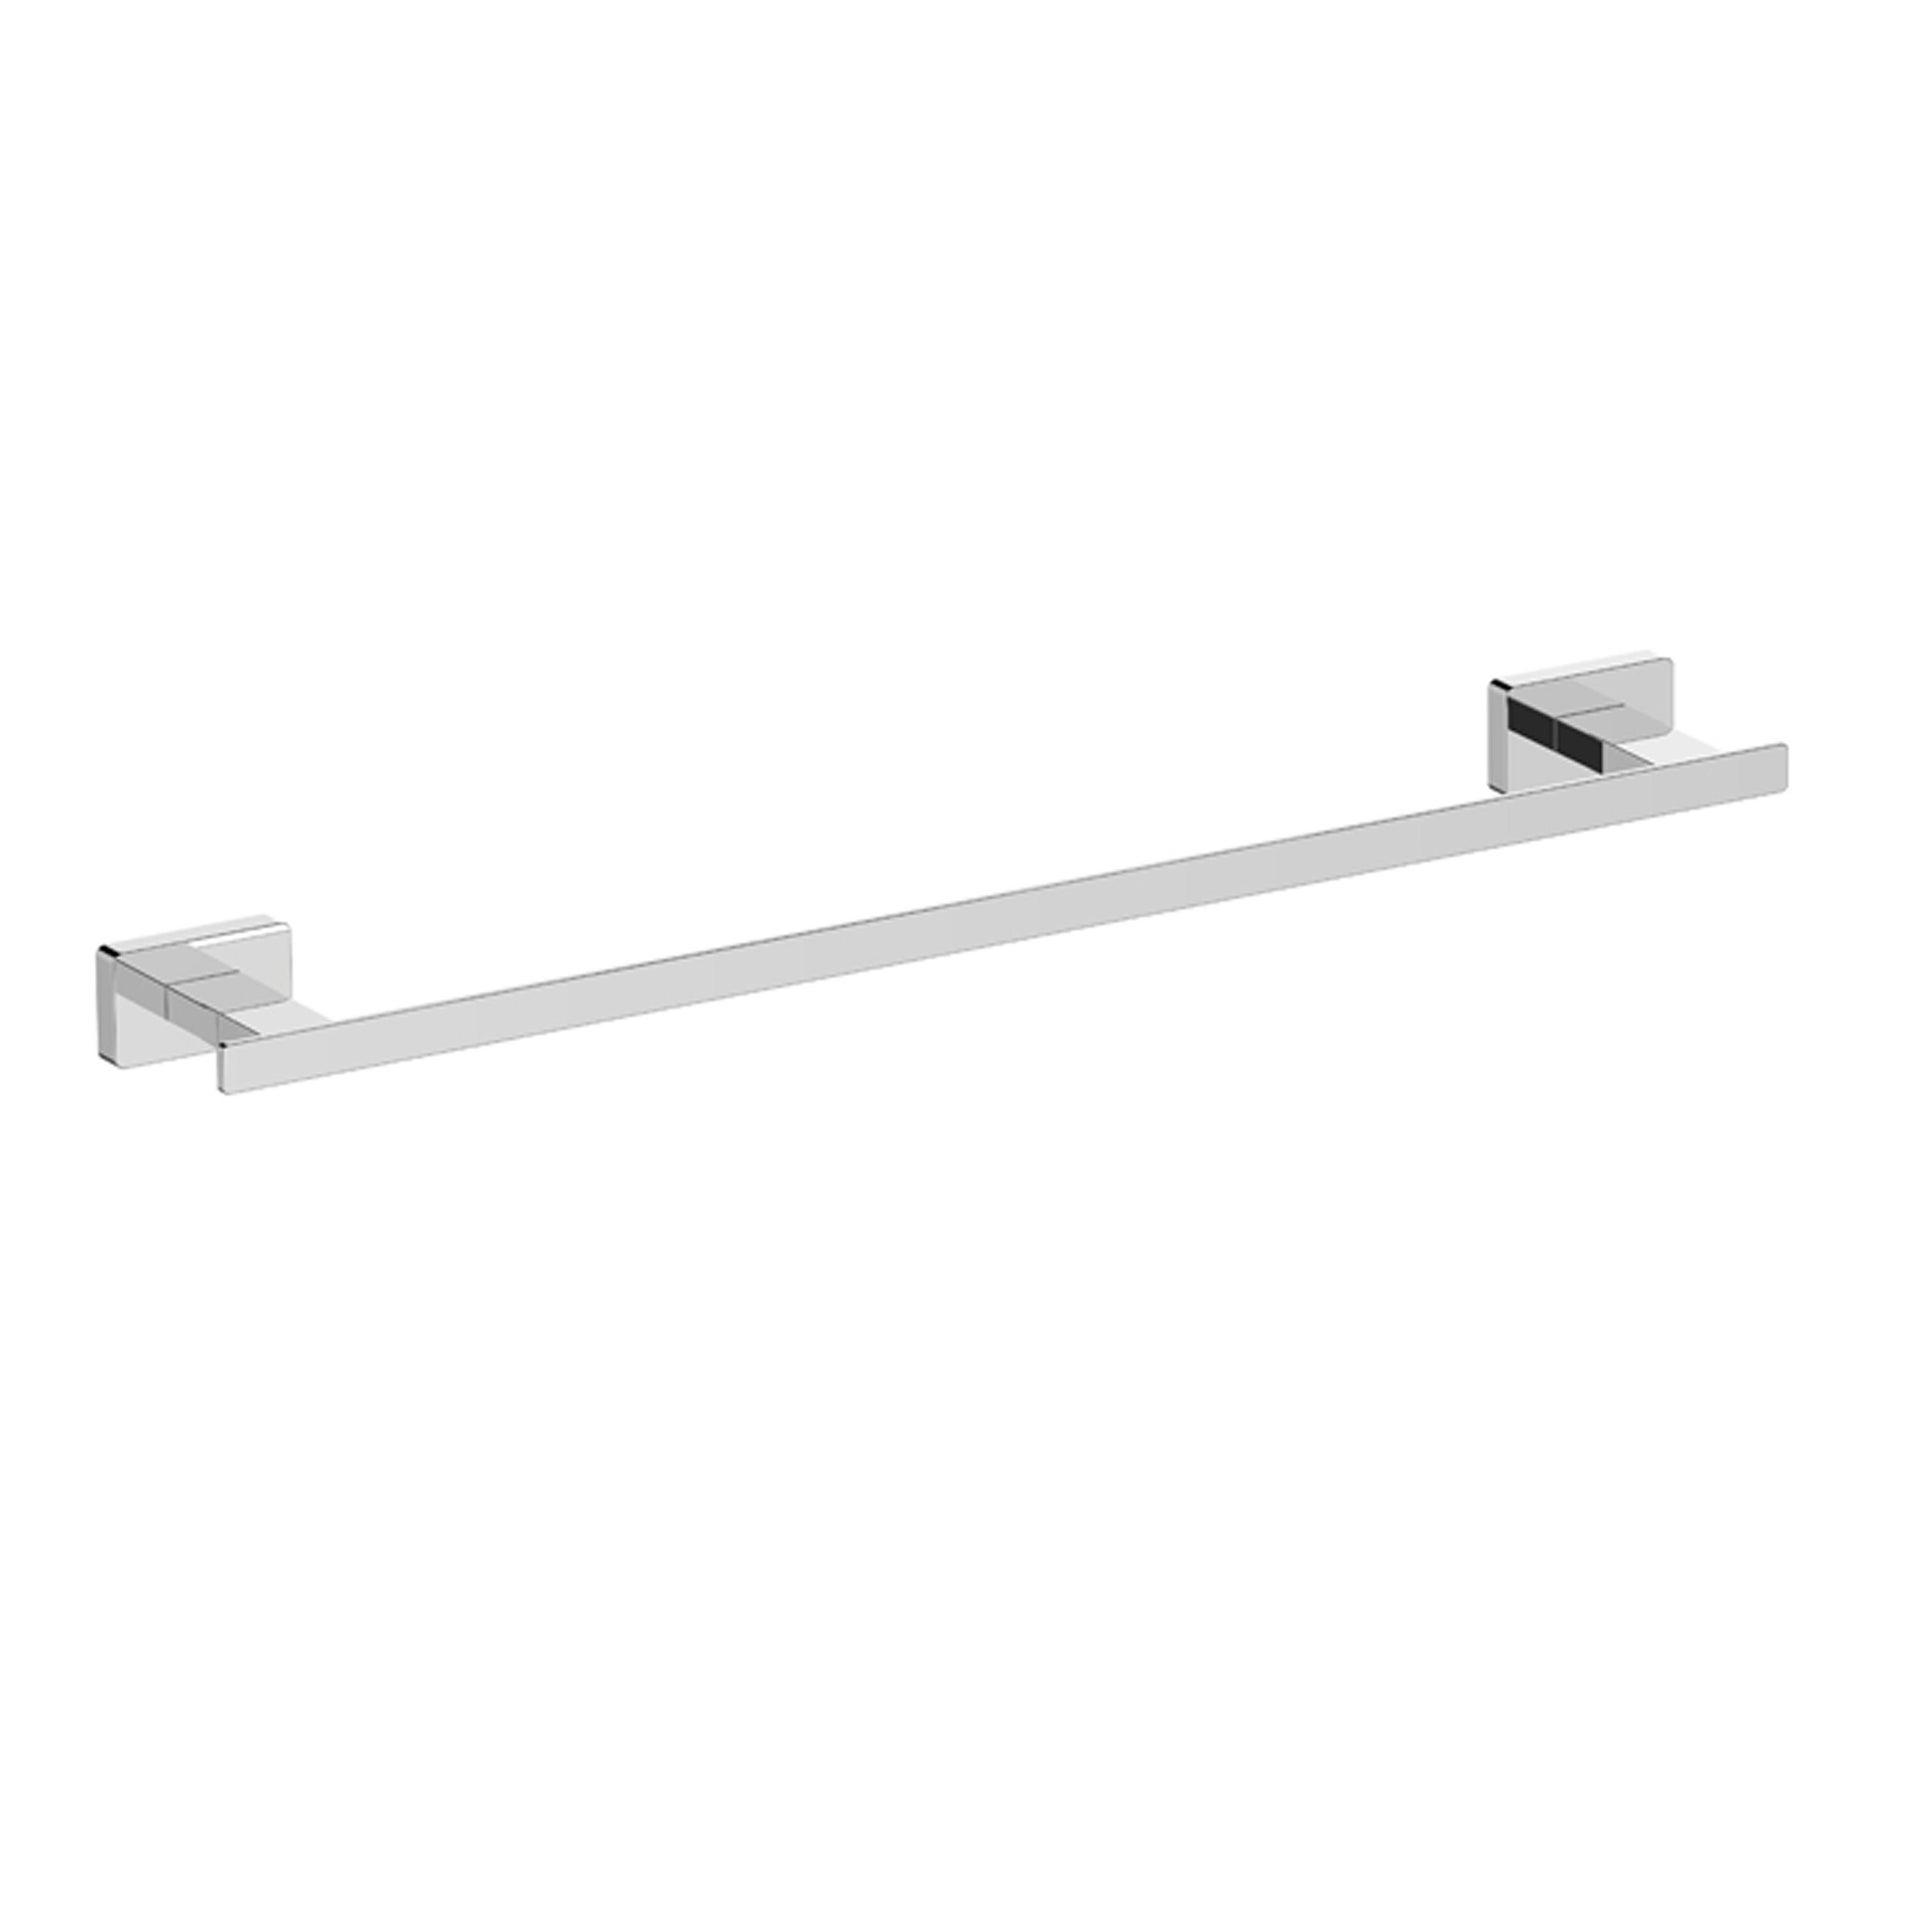 Porta salviette fisso a muro 1 barra cromo lucido L 56 cm - 1